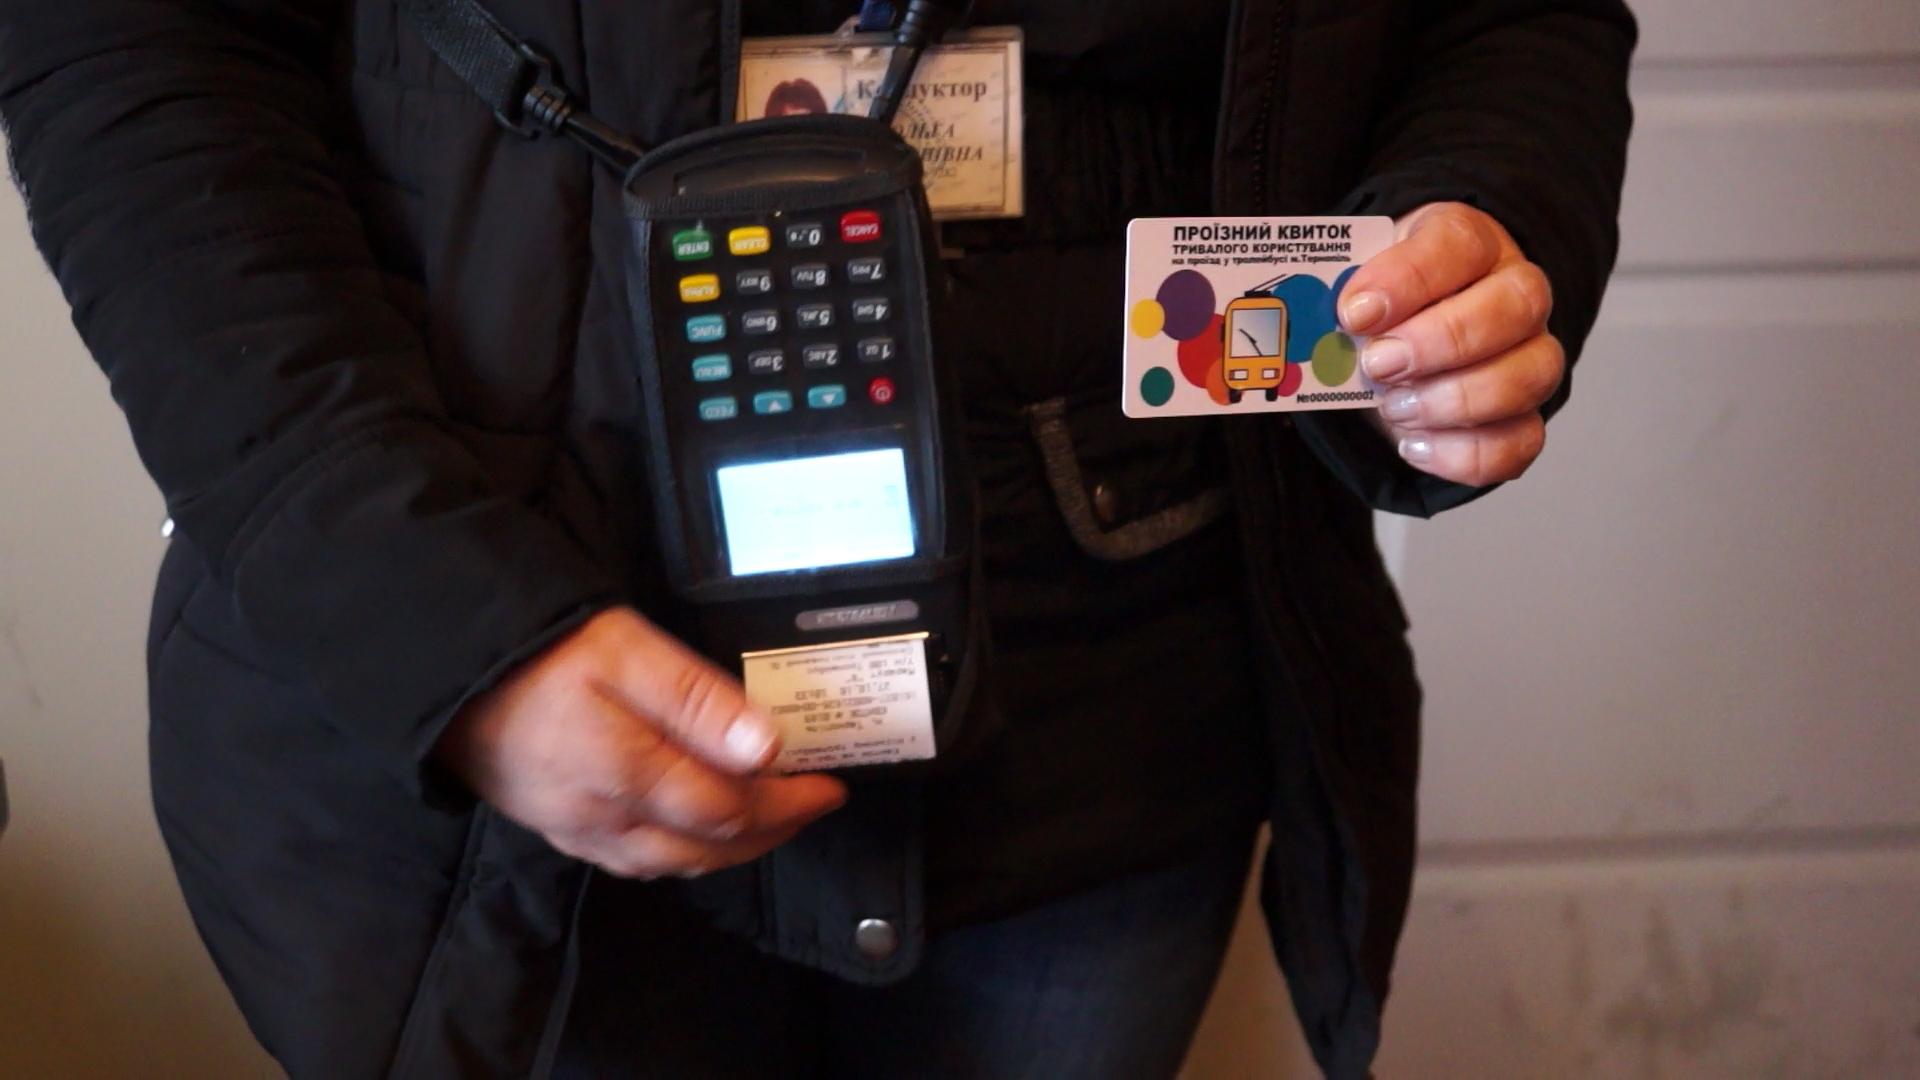 Тернополяни їздитимуть за електронною карткою як у тролейбусах, так і в маршрутках